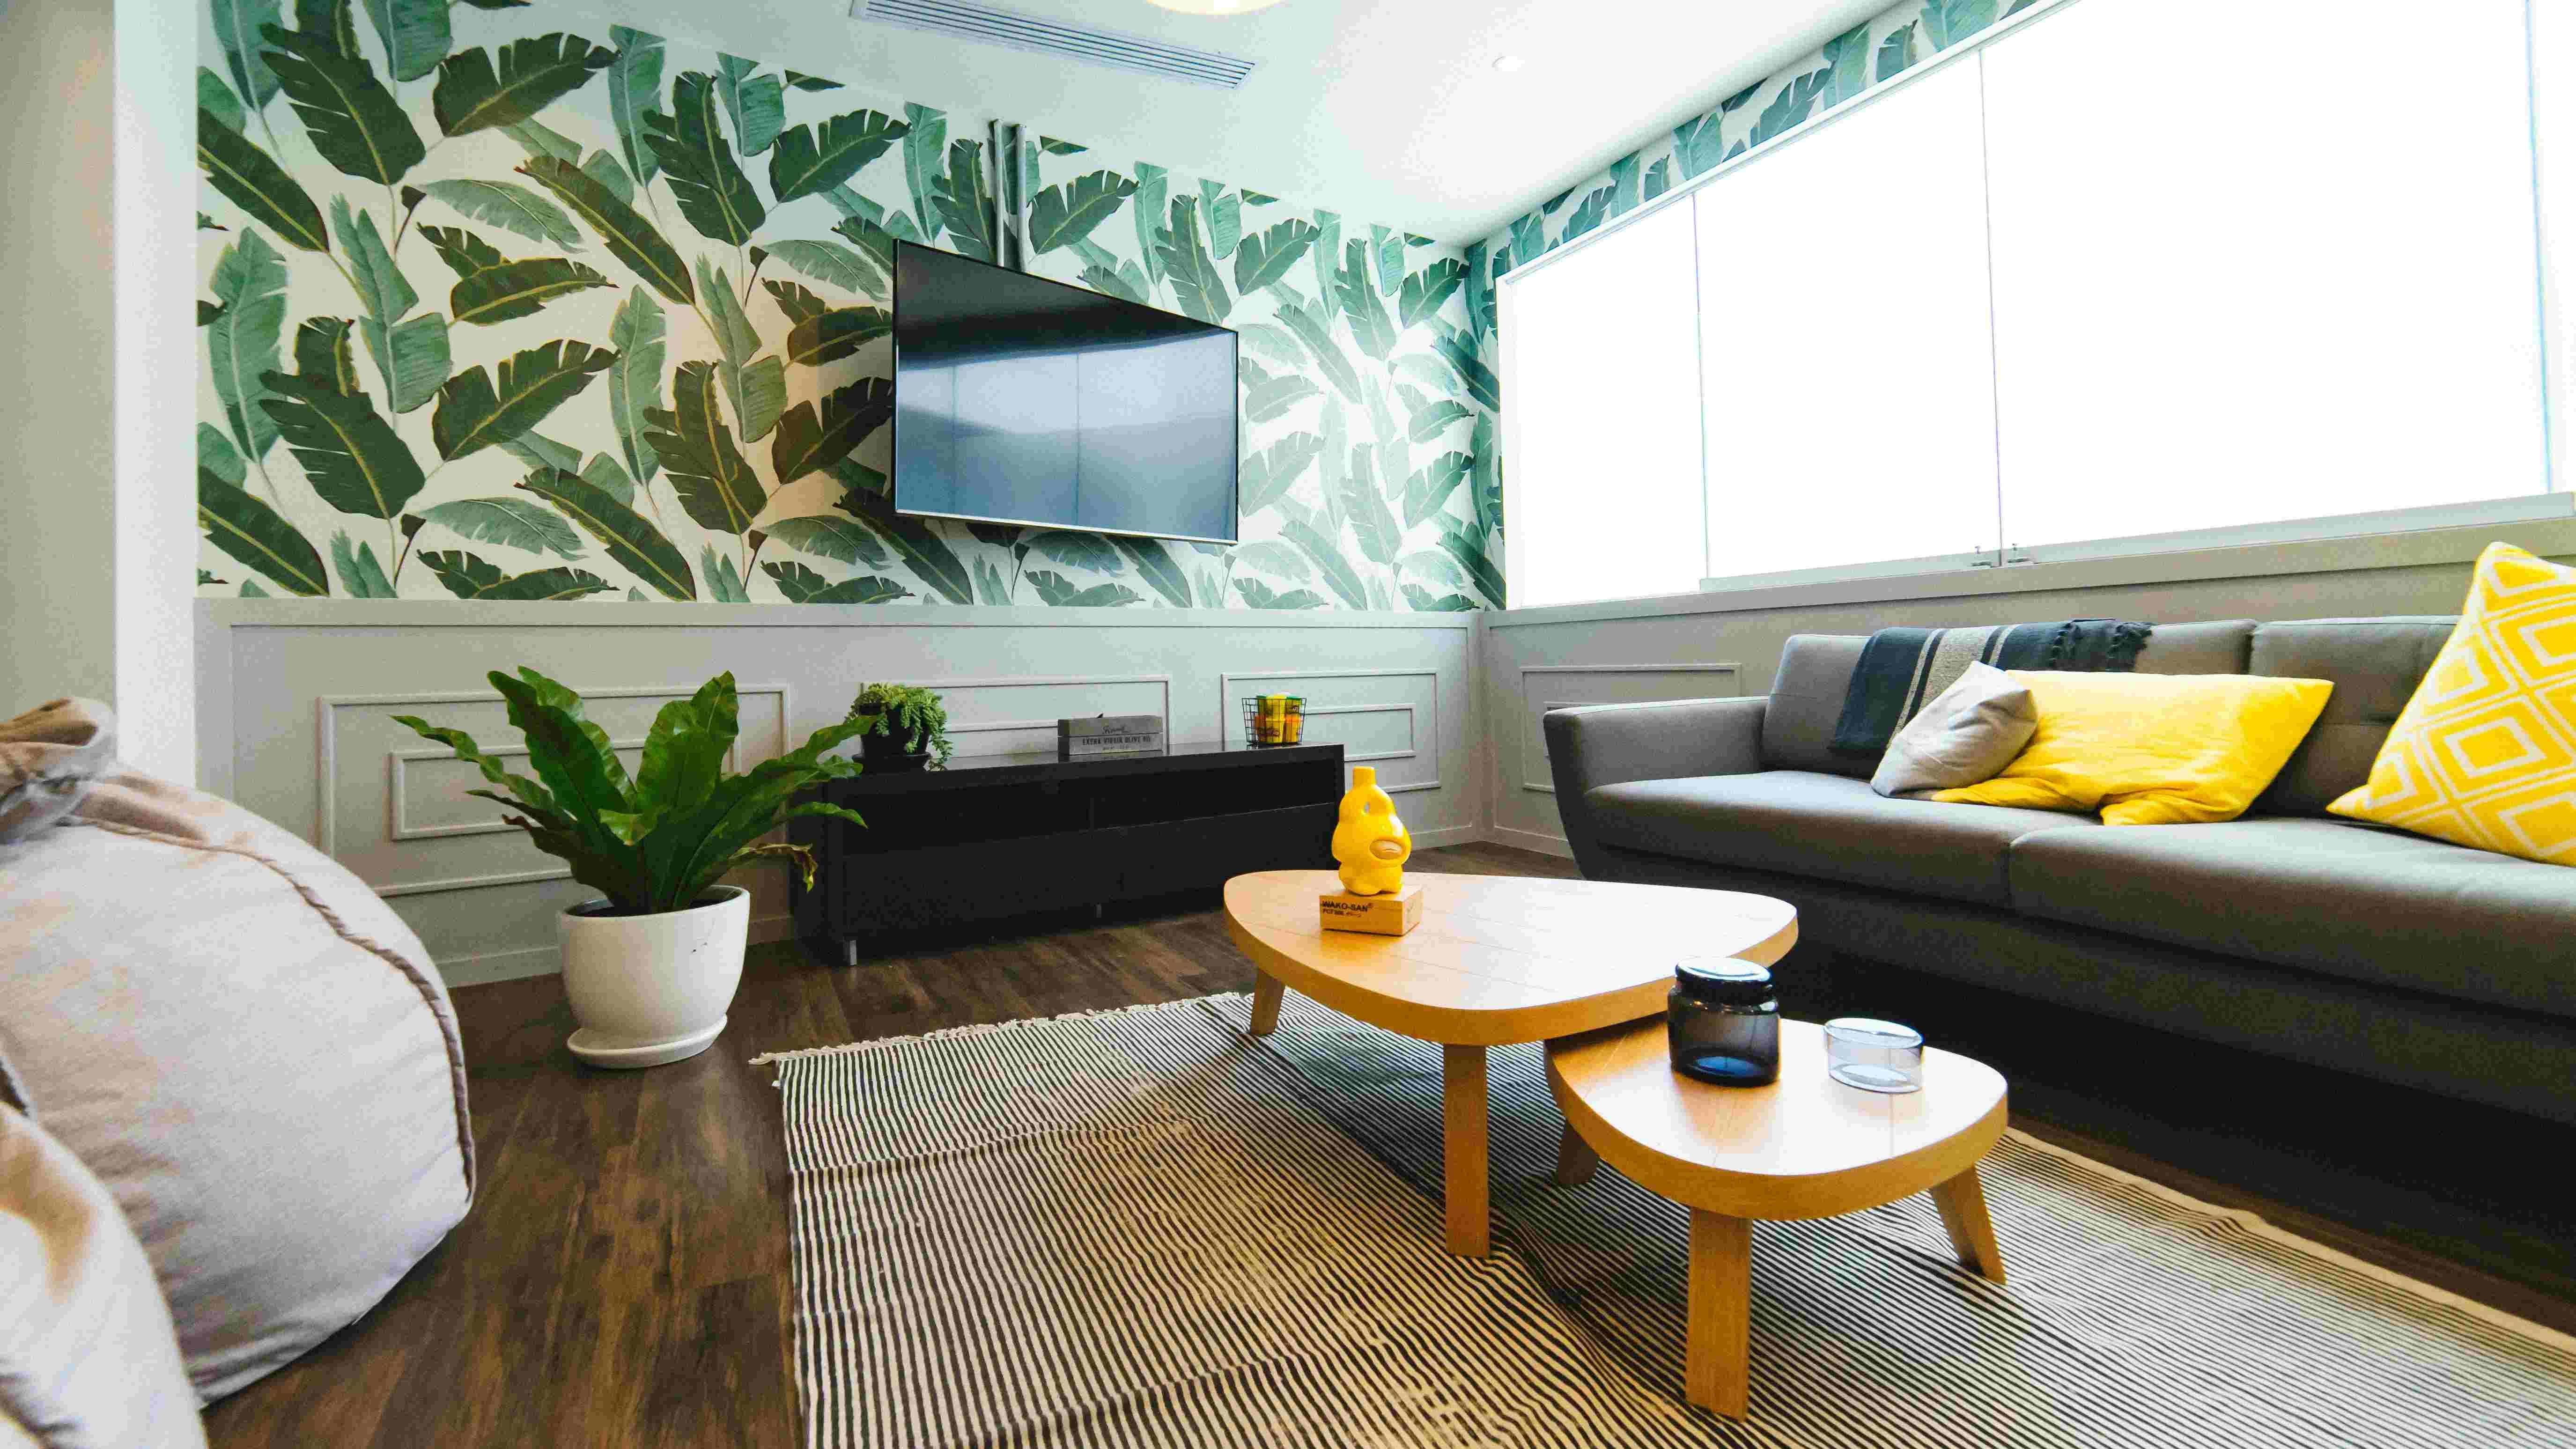 wallpaper-with-leaf-artwork